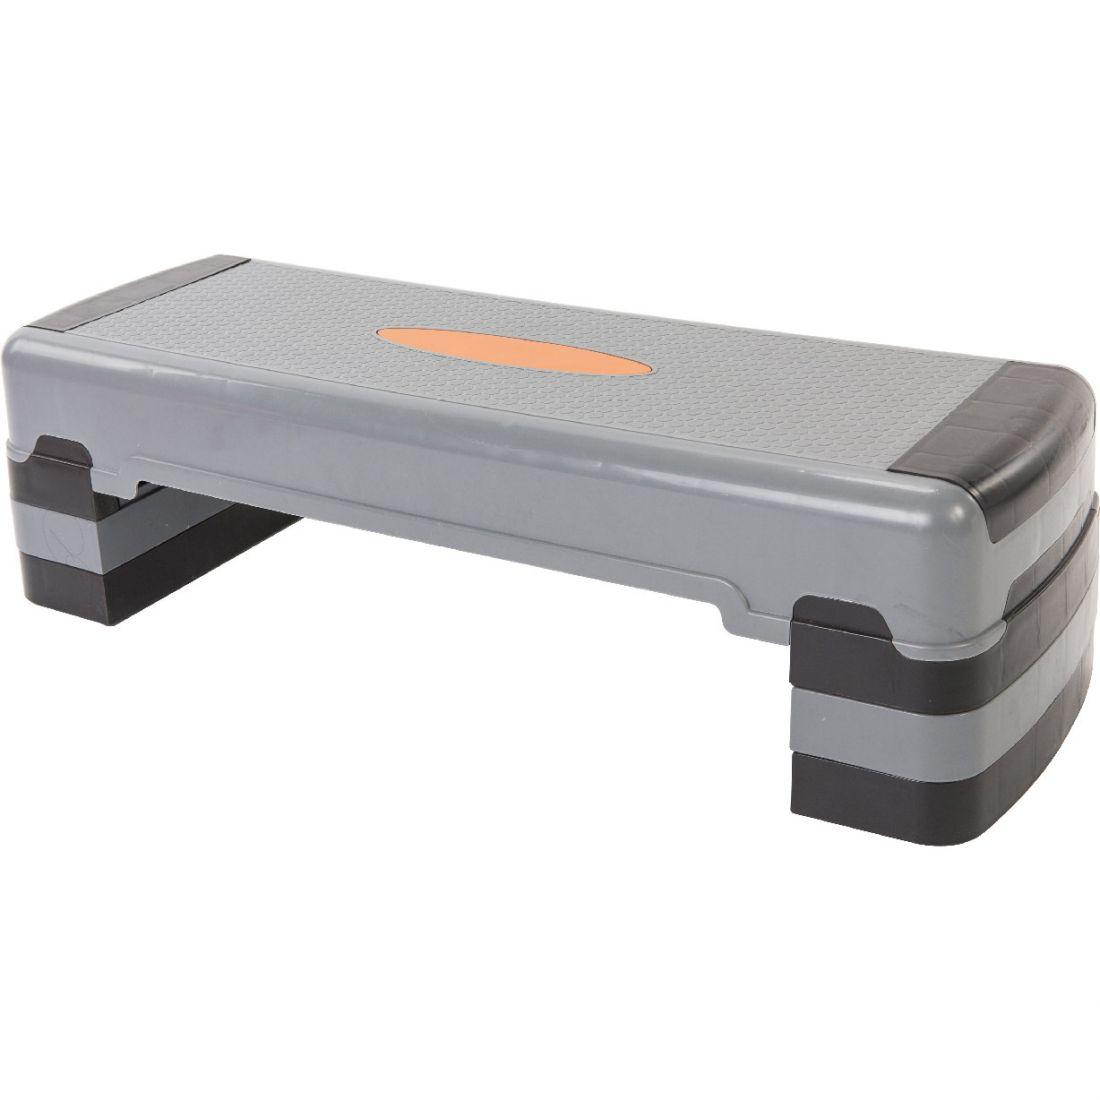 Степ-платформа для аэробики 3 уровня INDIGO 97317